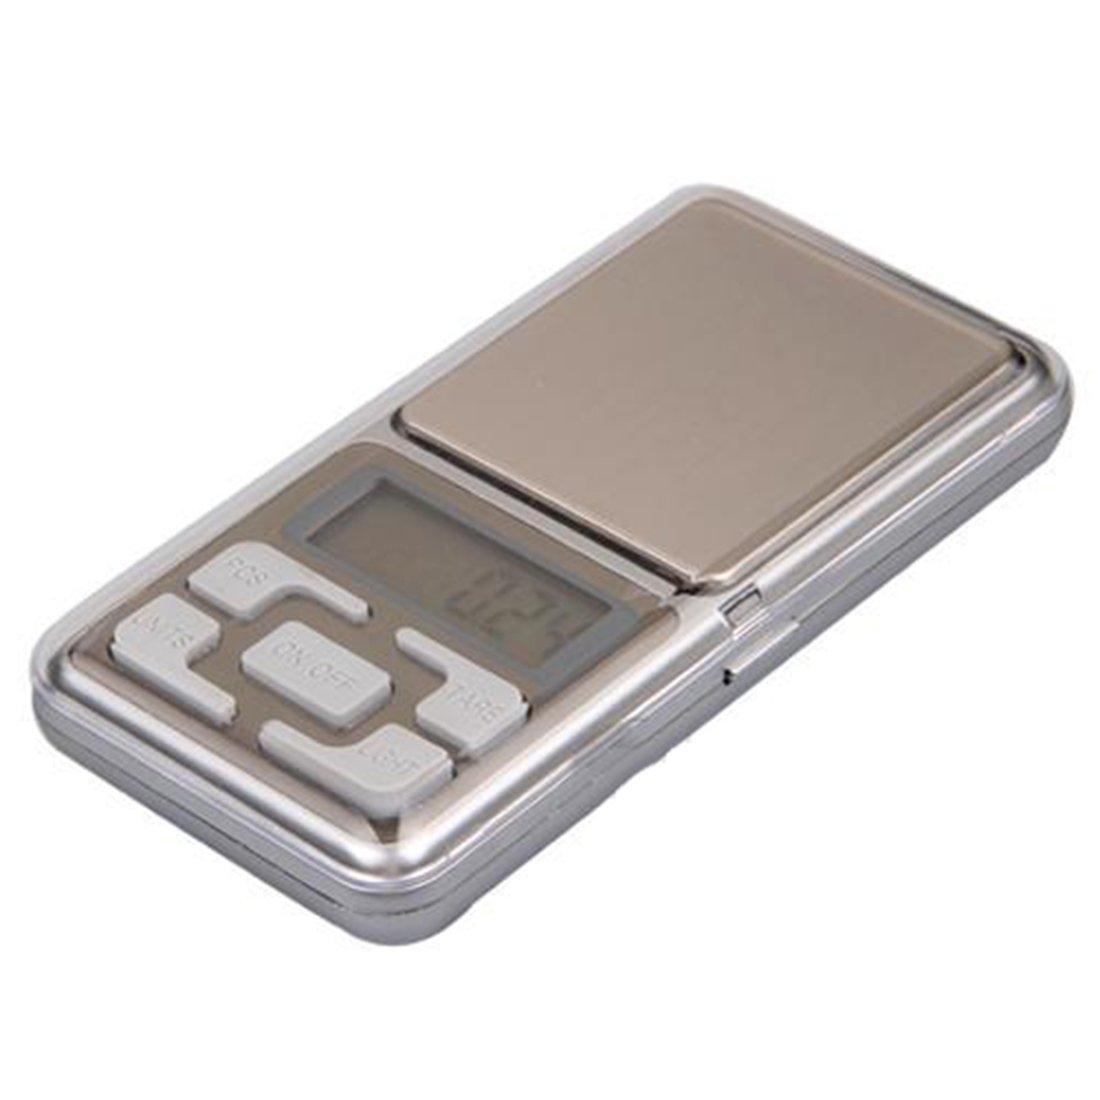 200 g/0.01g Teléfono Forma Digital Electrónica Báscula de ...